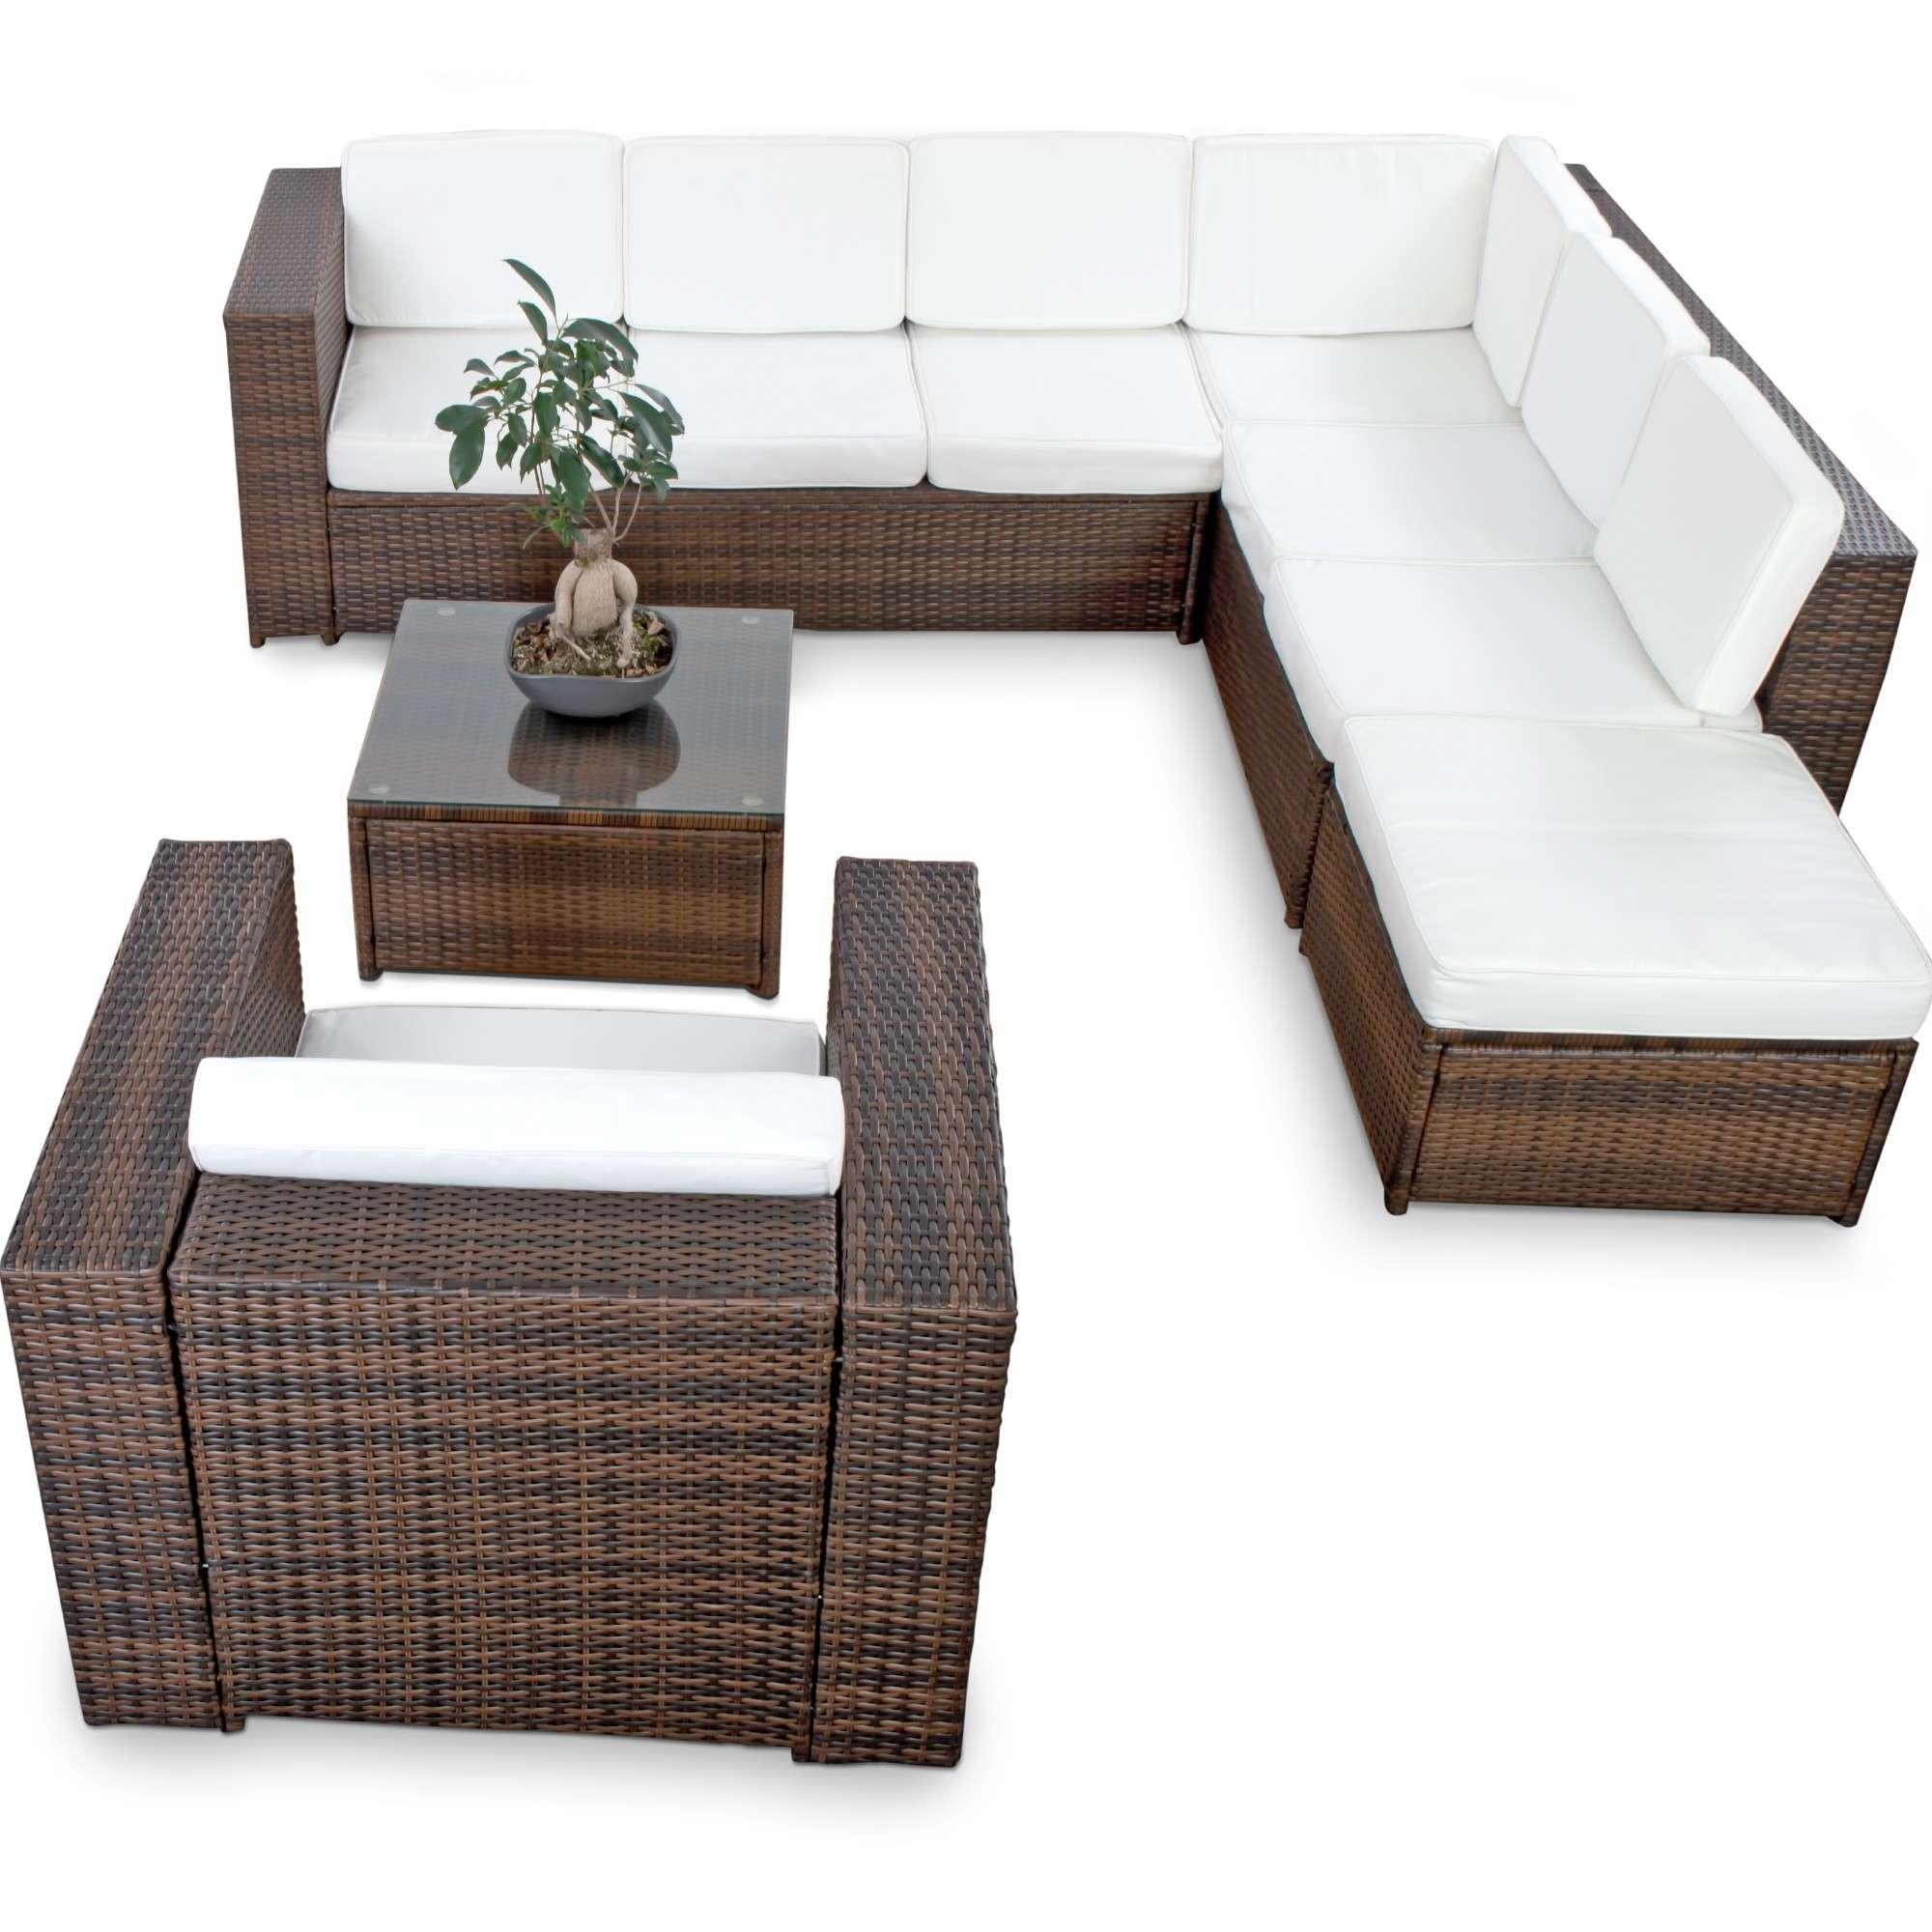 Full Size of Polyrattan Lounge Set Gnstig Kaufen Loungemöbel Garten Holz Günstig Wohnzimmer Loungemöbel Balkon